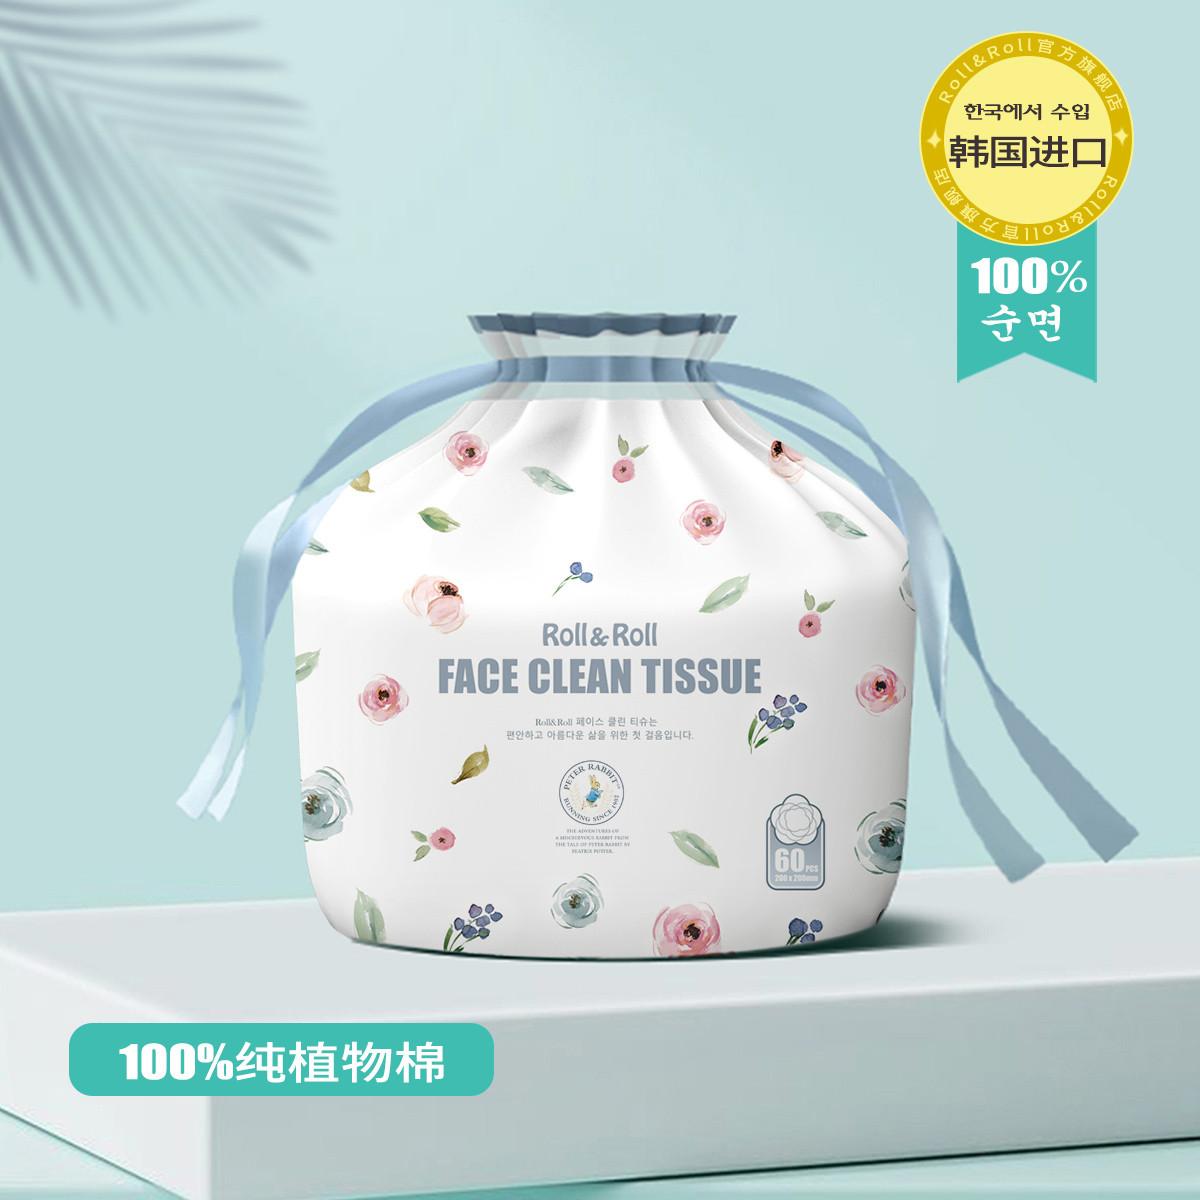 3包装韩国进口婴儿棉柔巾卸妆巾抽式加厚珍珠纹洗脸巾一次性纯棉